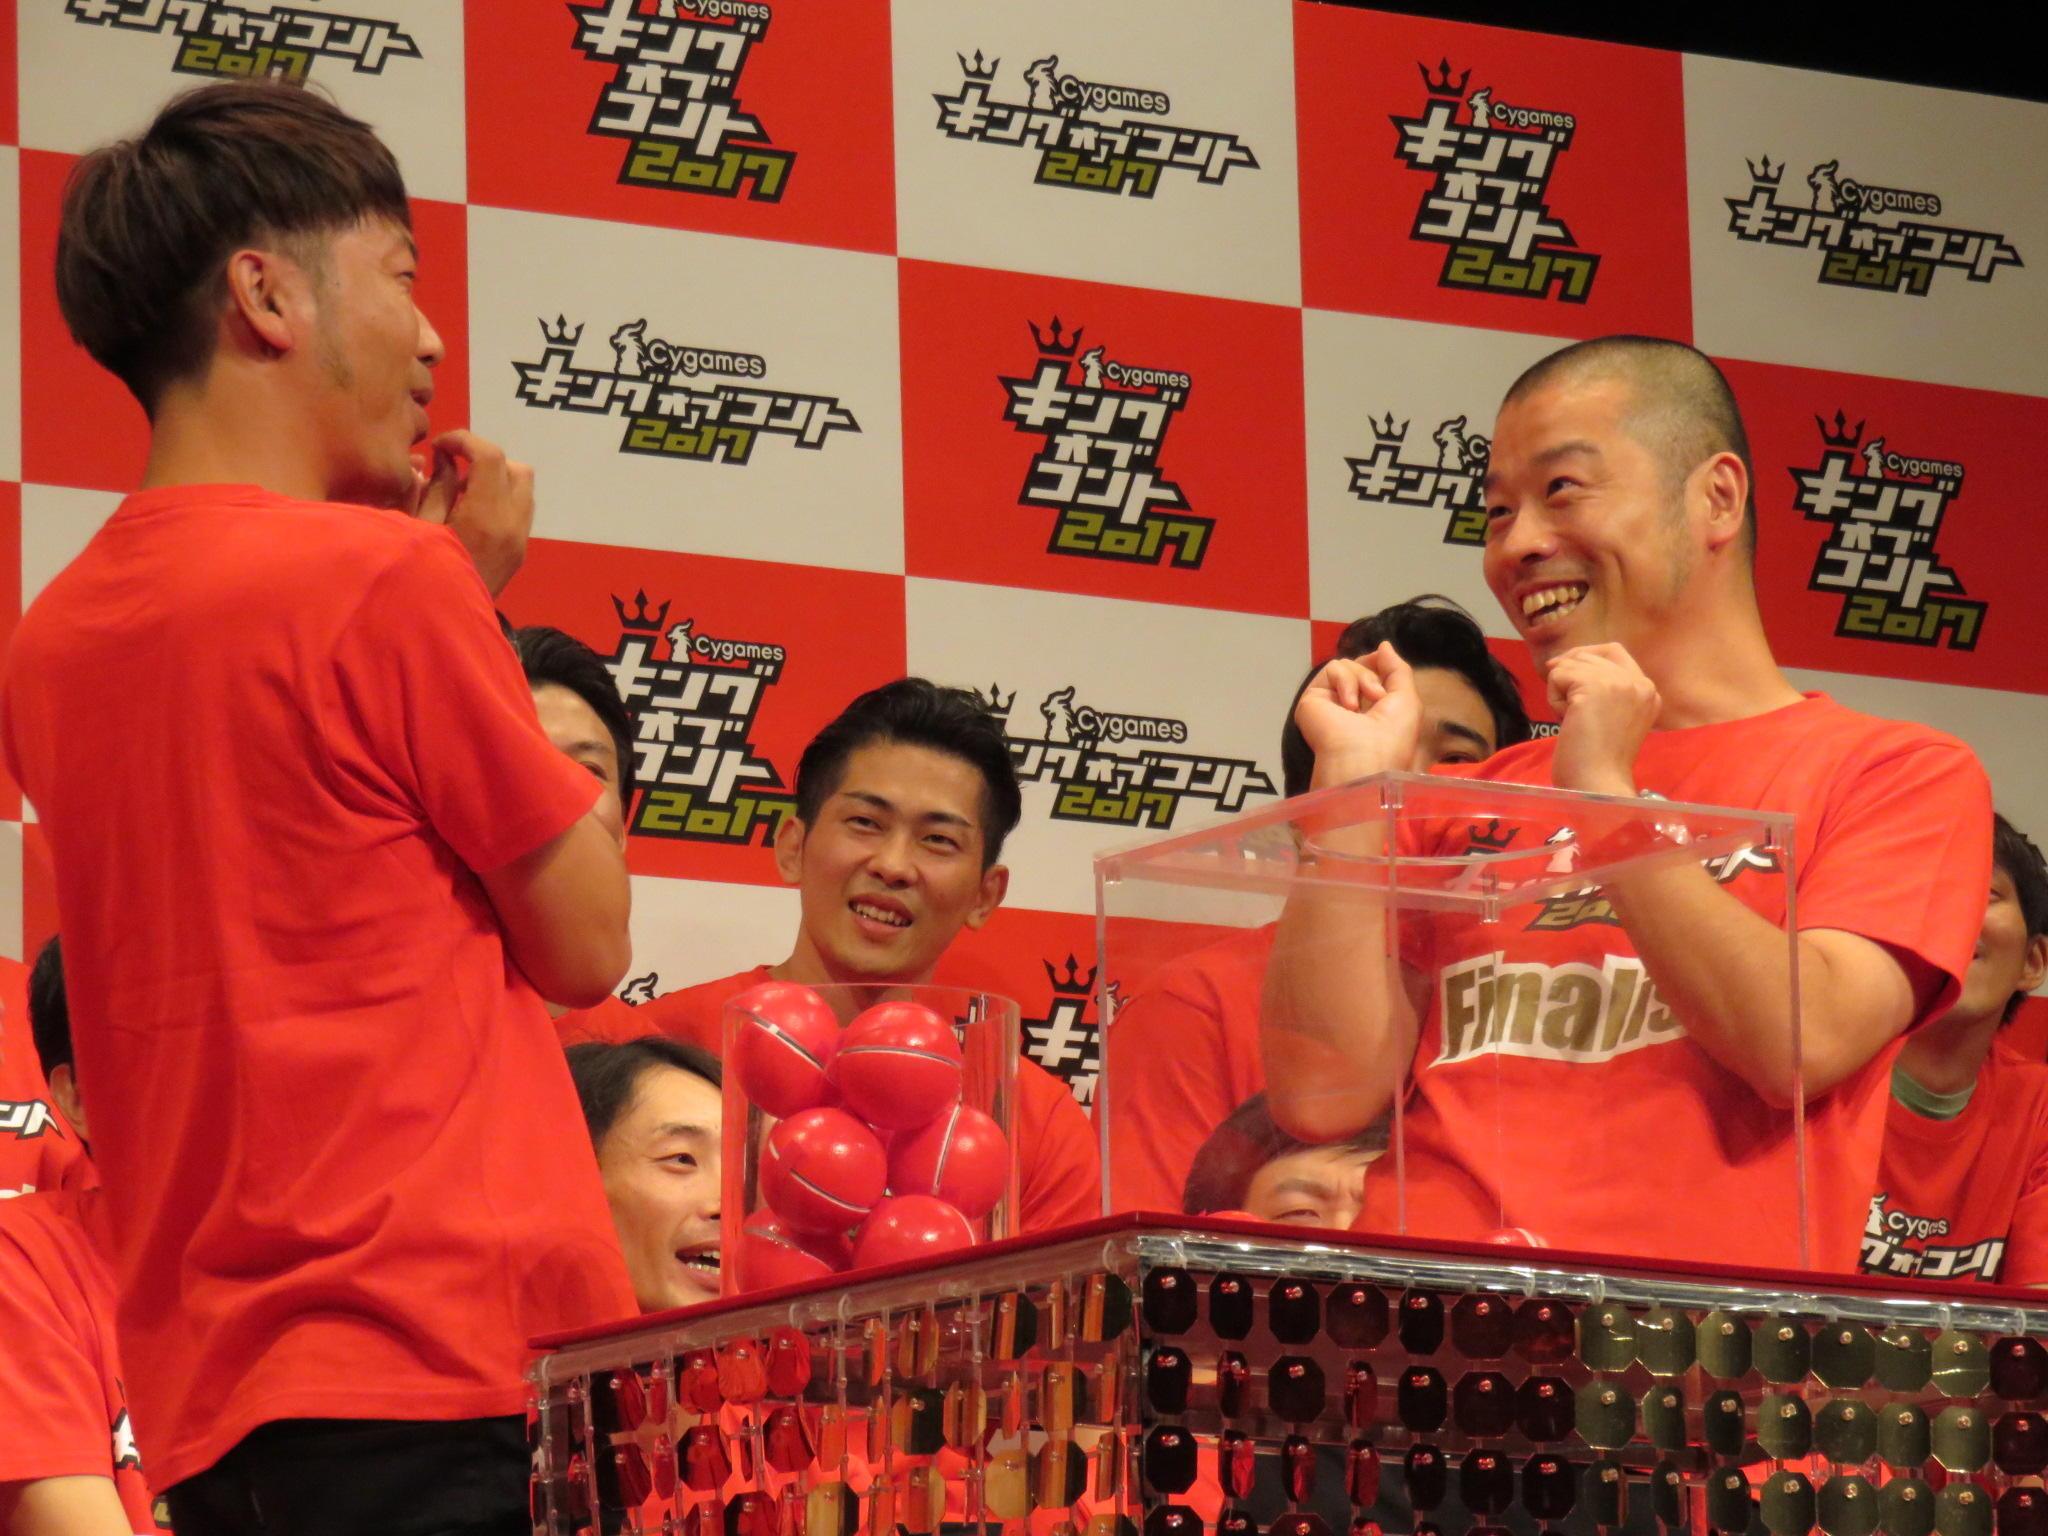 http://news.yoshimoto.co.jp/20170909010342-c65f9618ef5139c41b558db6fc17f4d524f5ba27.jpg